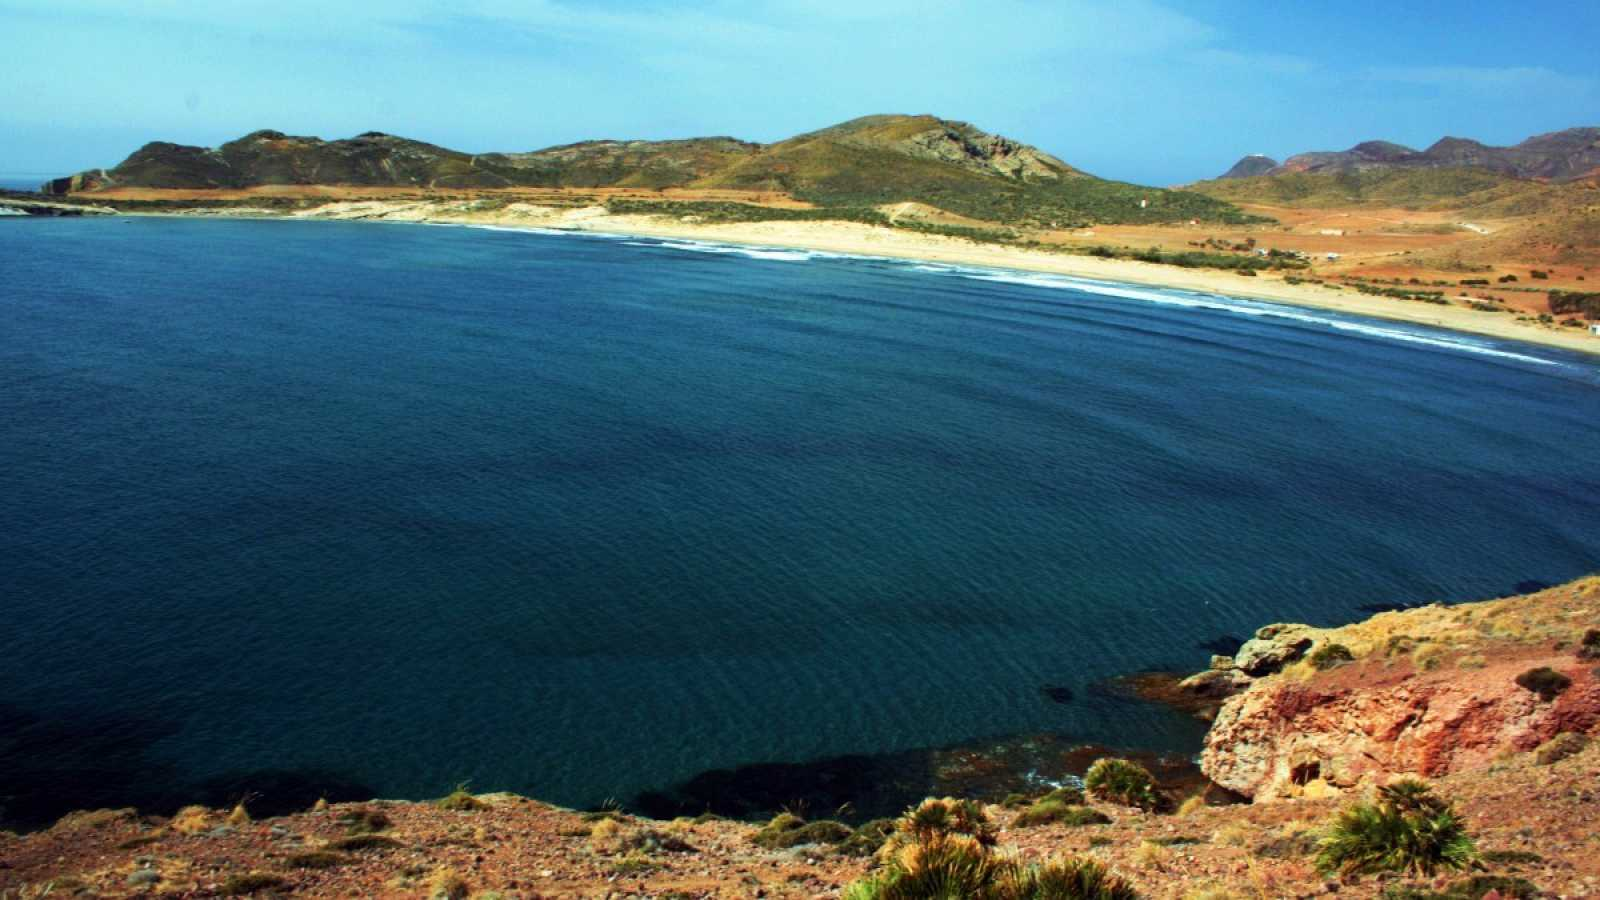 La bahía de los Genoveses situada en el Parque Natural del Cabo de Gata-Níjar, Almería